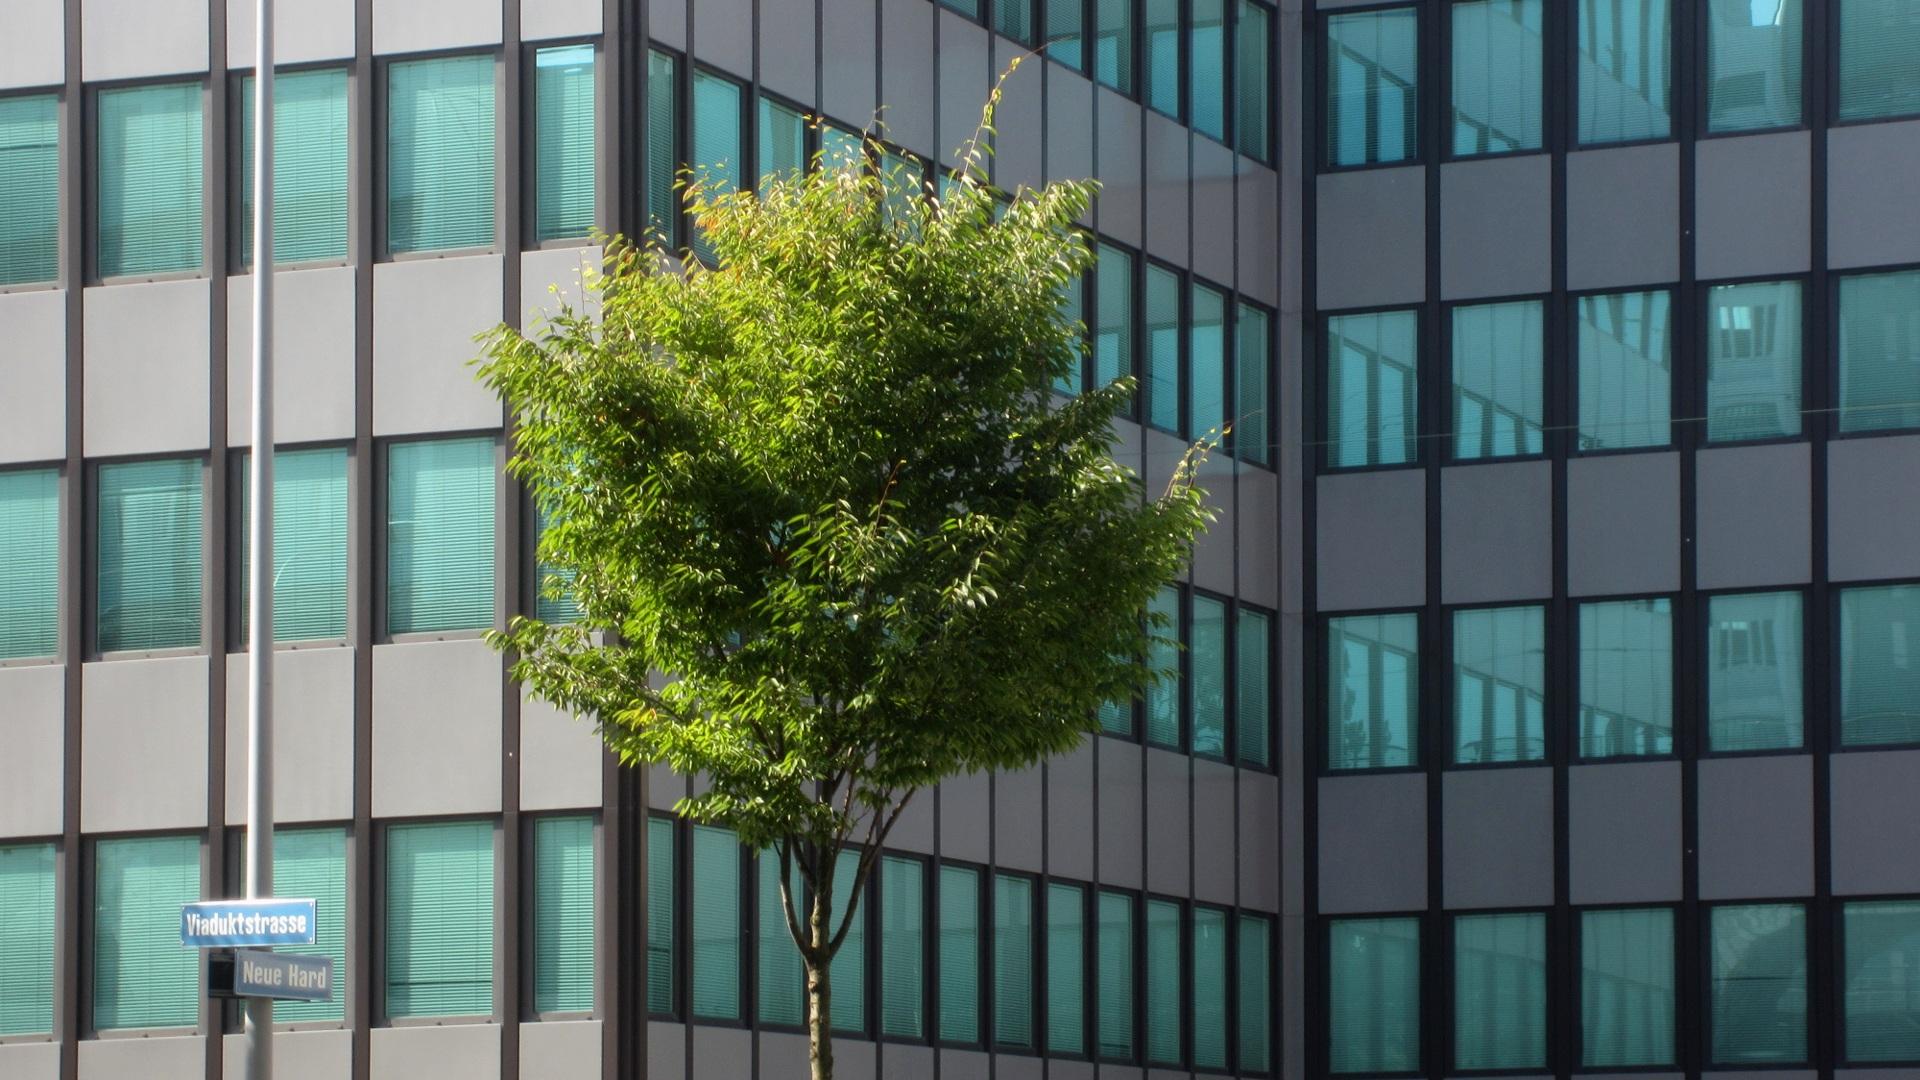 무료 이미지 : 나무, 건축물, 집, 창문, 유리, 건물, 시티, 마천루 ...